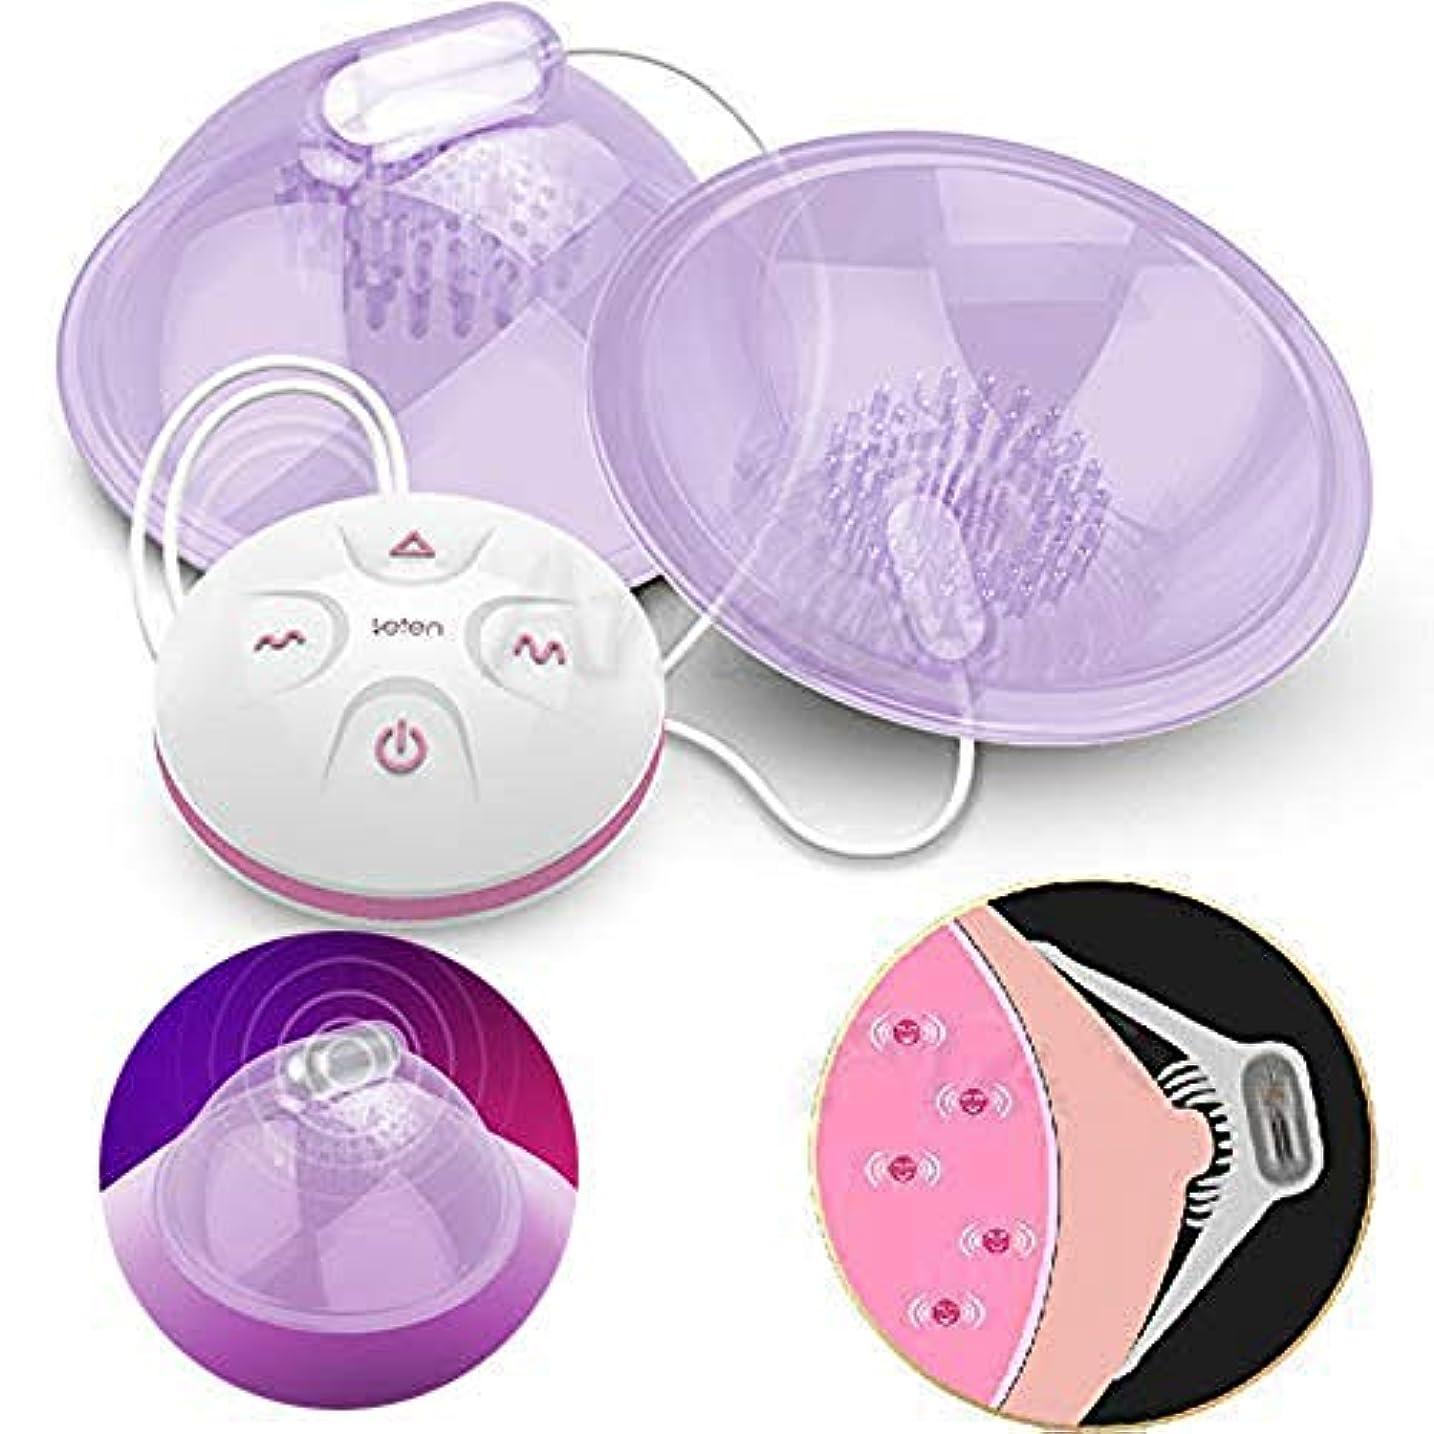 甘やかす疲れた消費充電式Ni-ppleマッサージャー胸胸部刺激装置エンハンサー玩具女性、小売ボックス付き10スピードスピードモード電動ポンプ吸盤